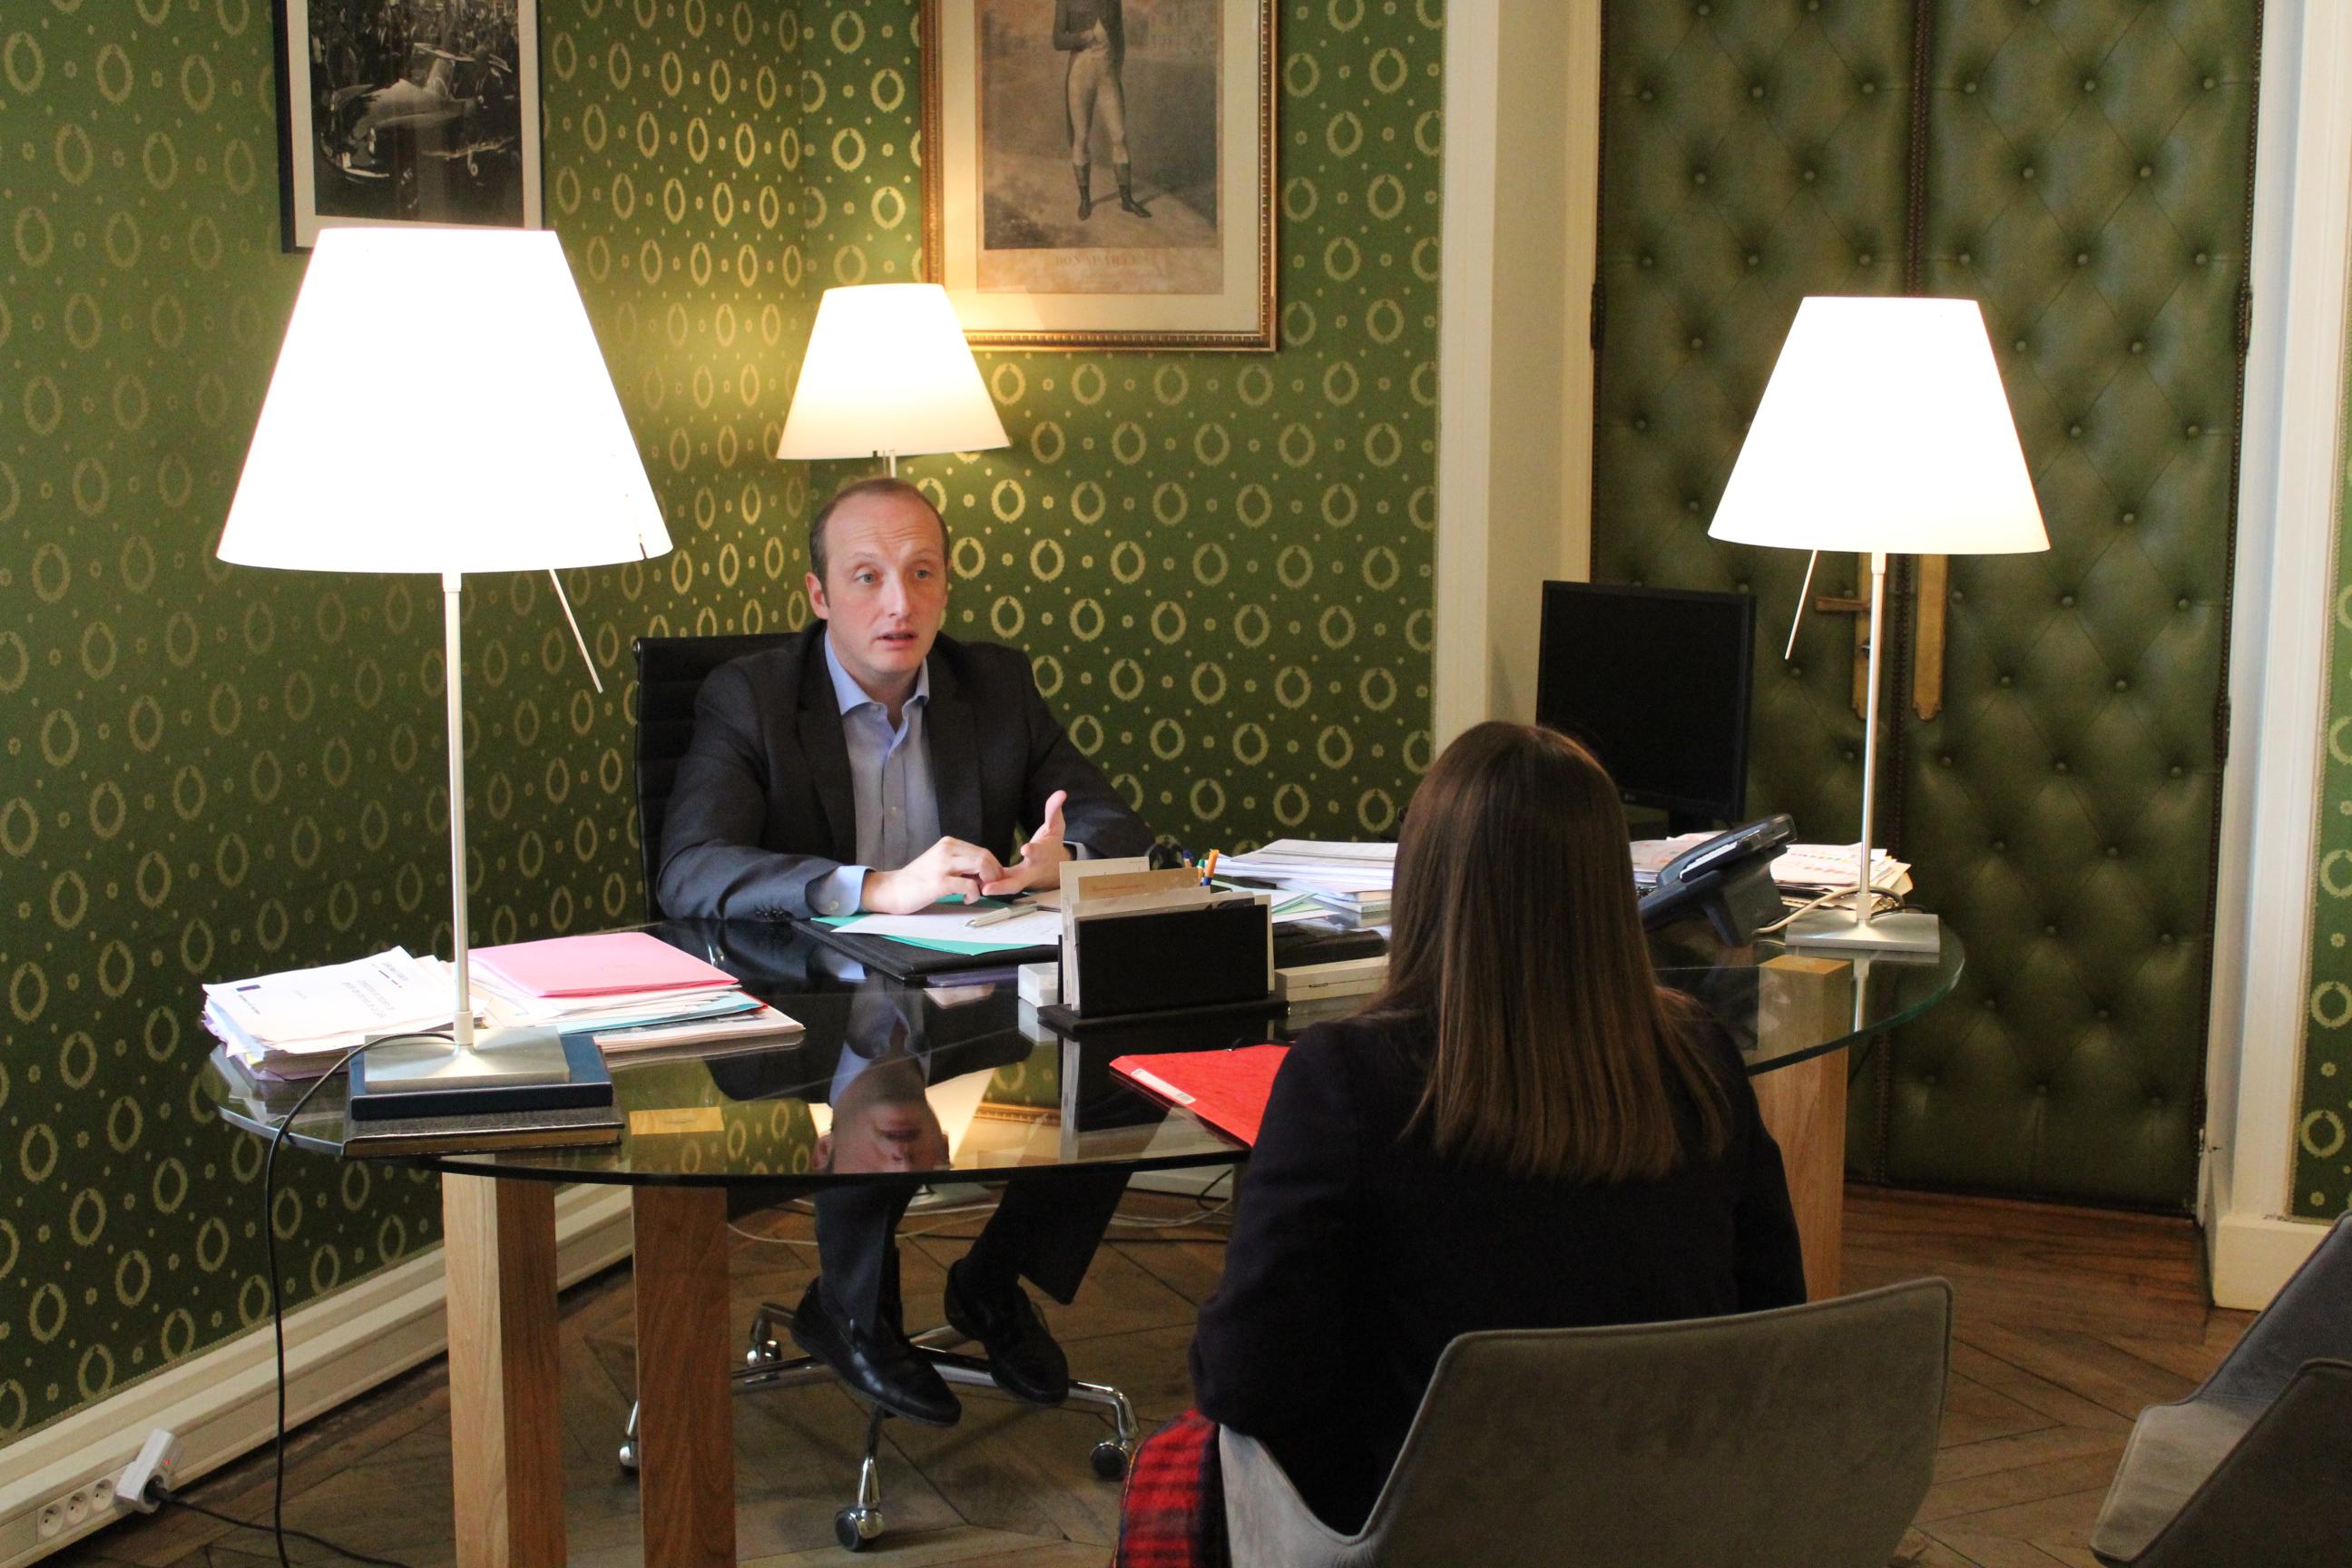 """Matinées sans rendez-vous """"citoyens"""" prochain rendez-vous le 7 mars en Mairie"""